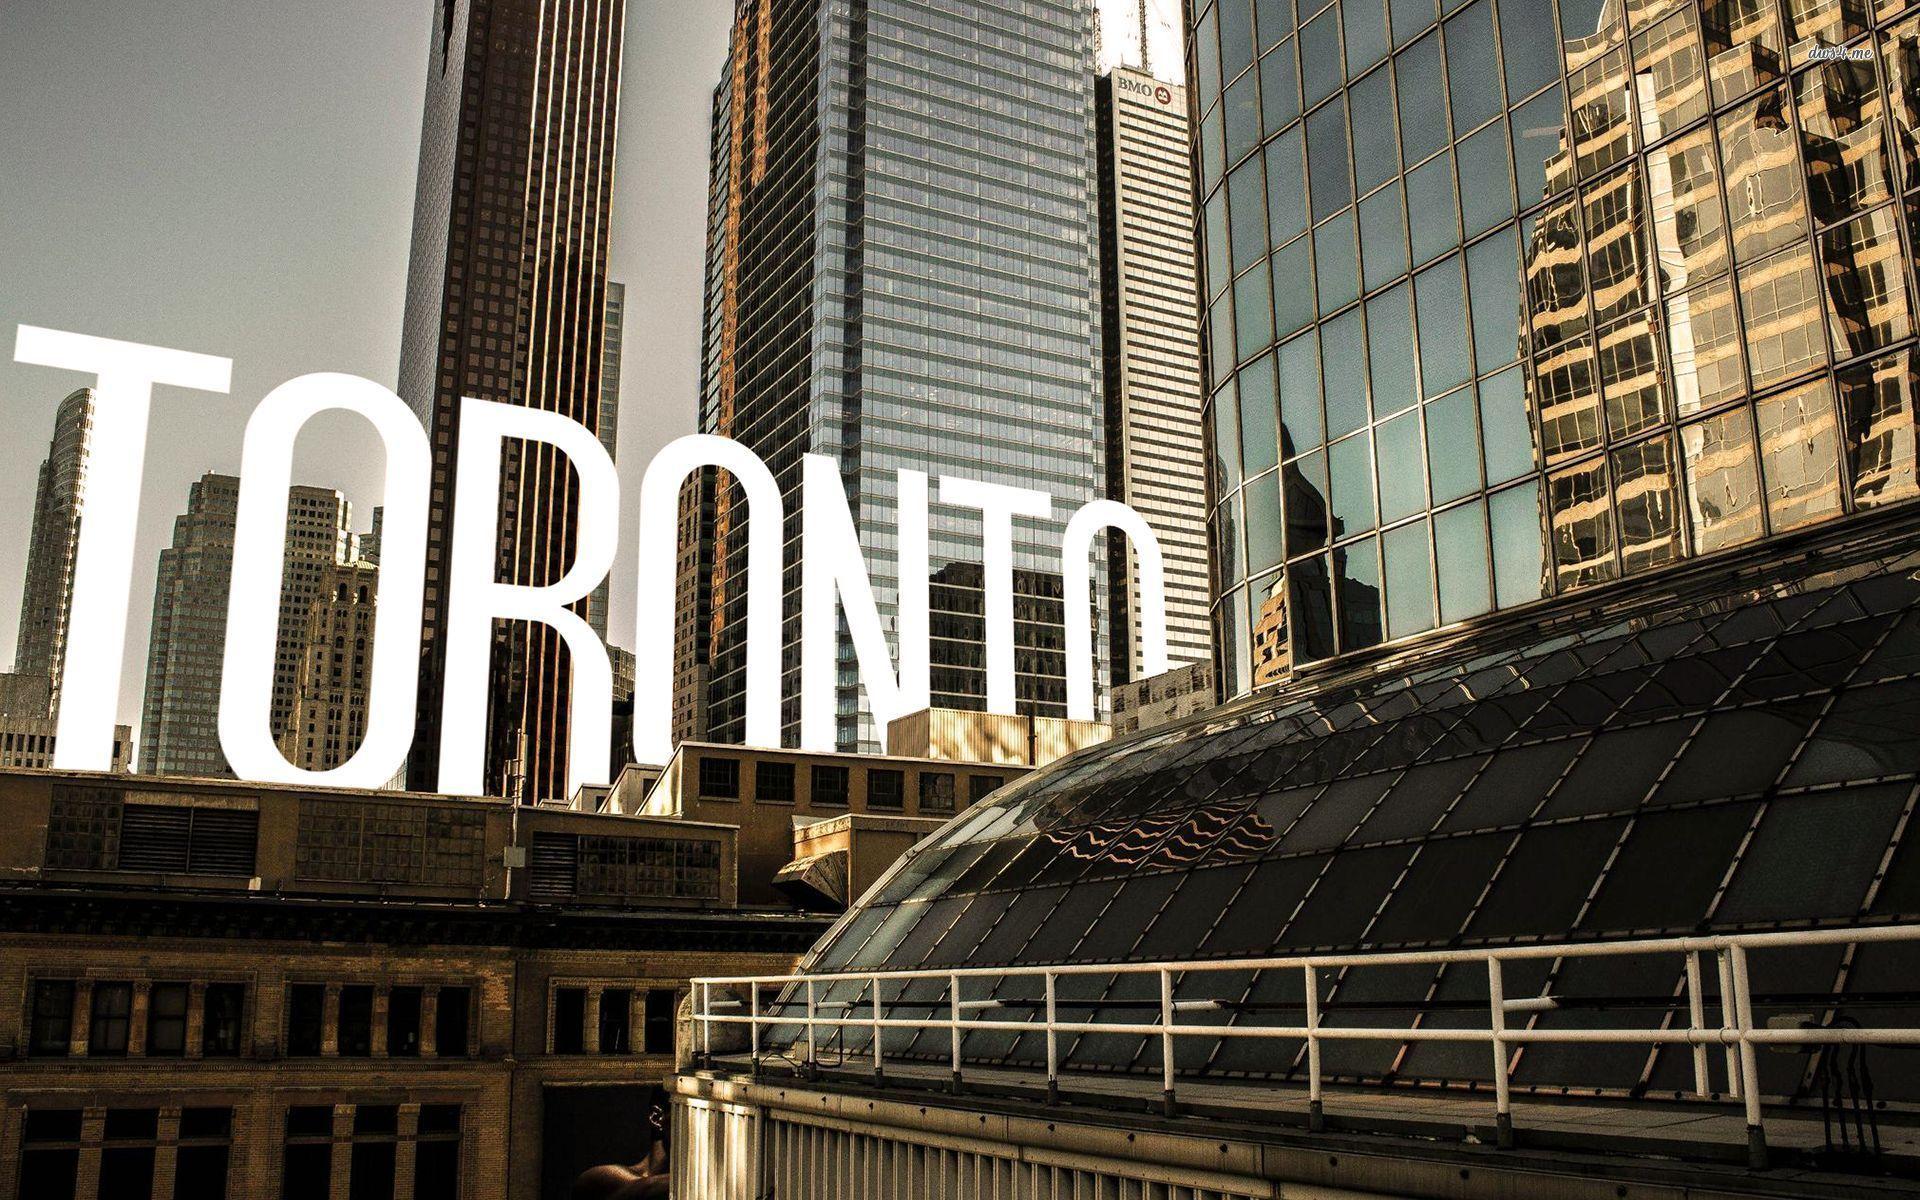 Must see Wallpaper Mac Toronto - 826f6127e4b6a6410936a23b8a5676d3  HD_222771.jpg